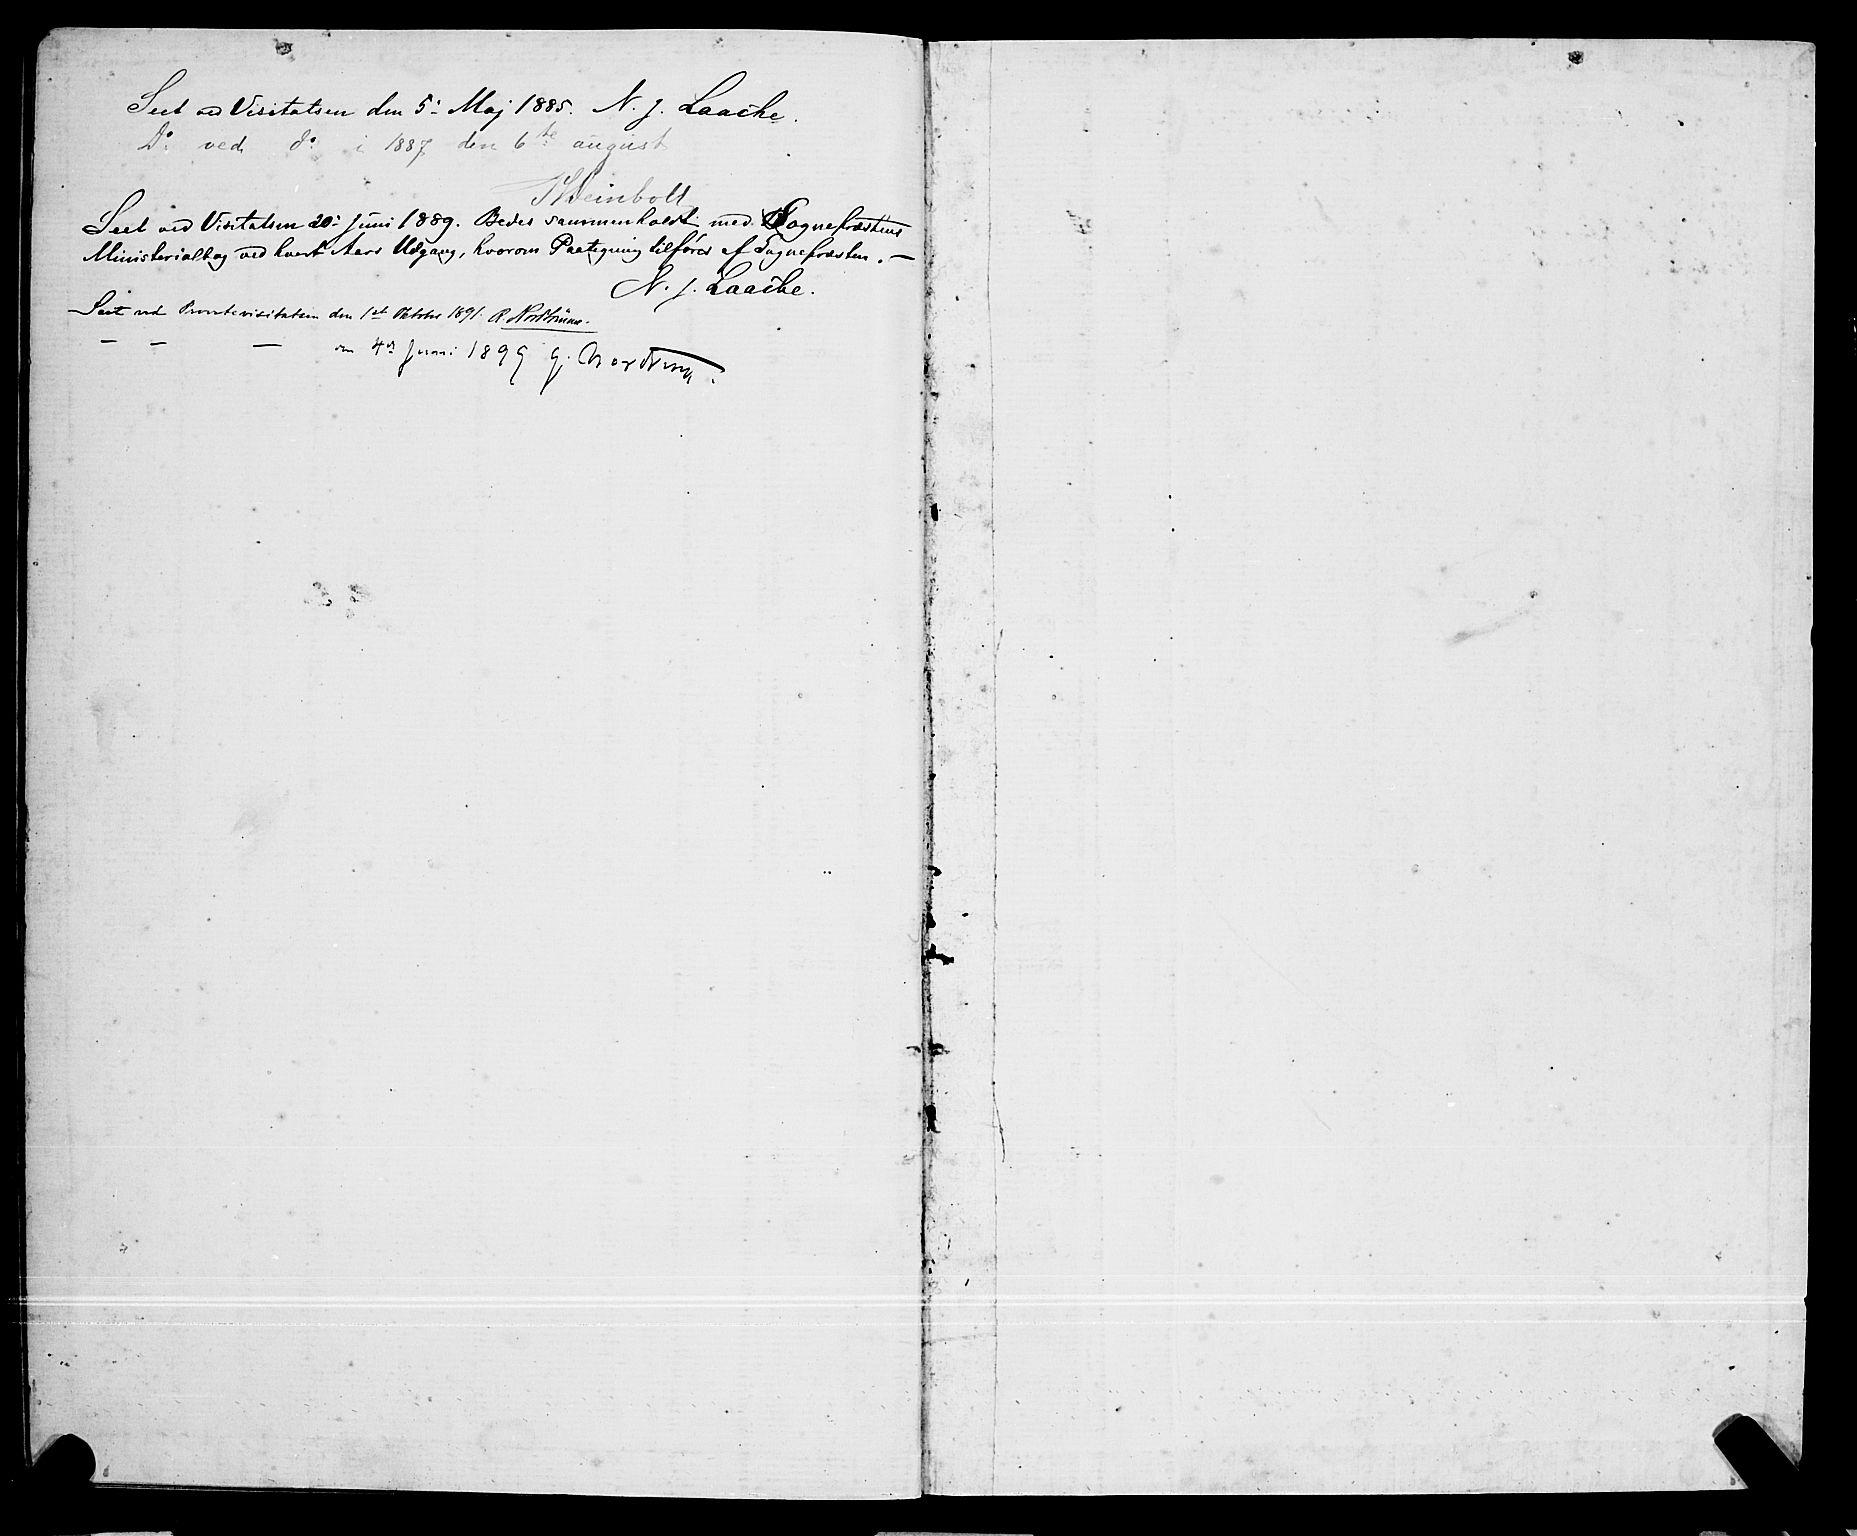 SAT, Ministerialprotokoller, klokkerbøker og fødselsregistre - Nord-Trøndelag, 780/L0651: Klokkerbok nr. 780C03, 1884-1898